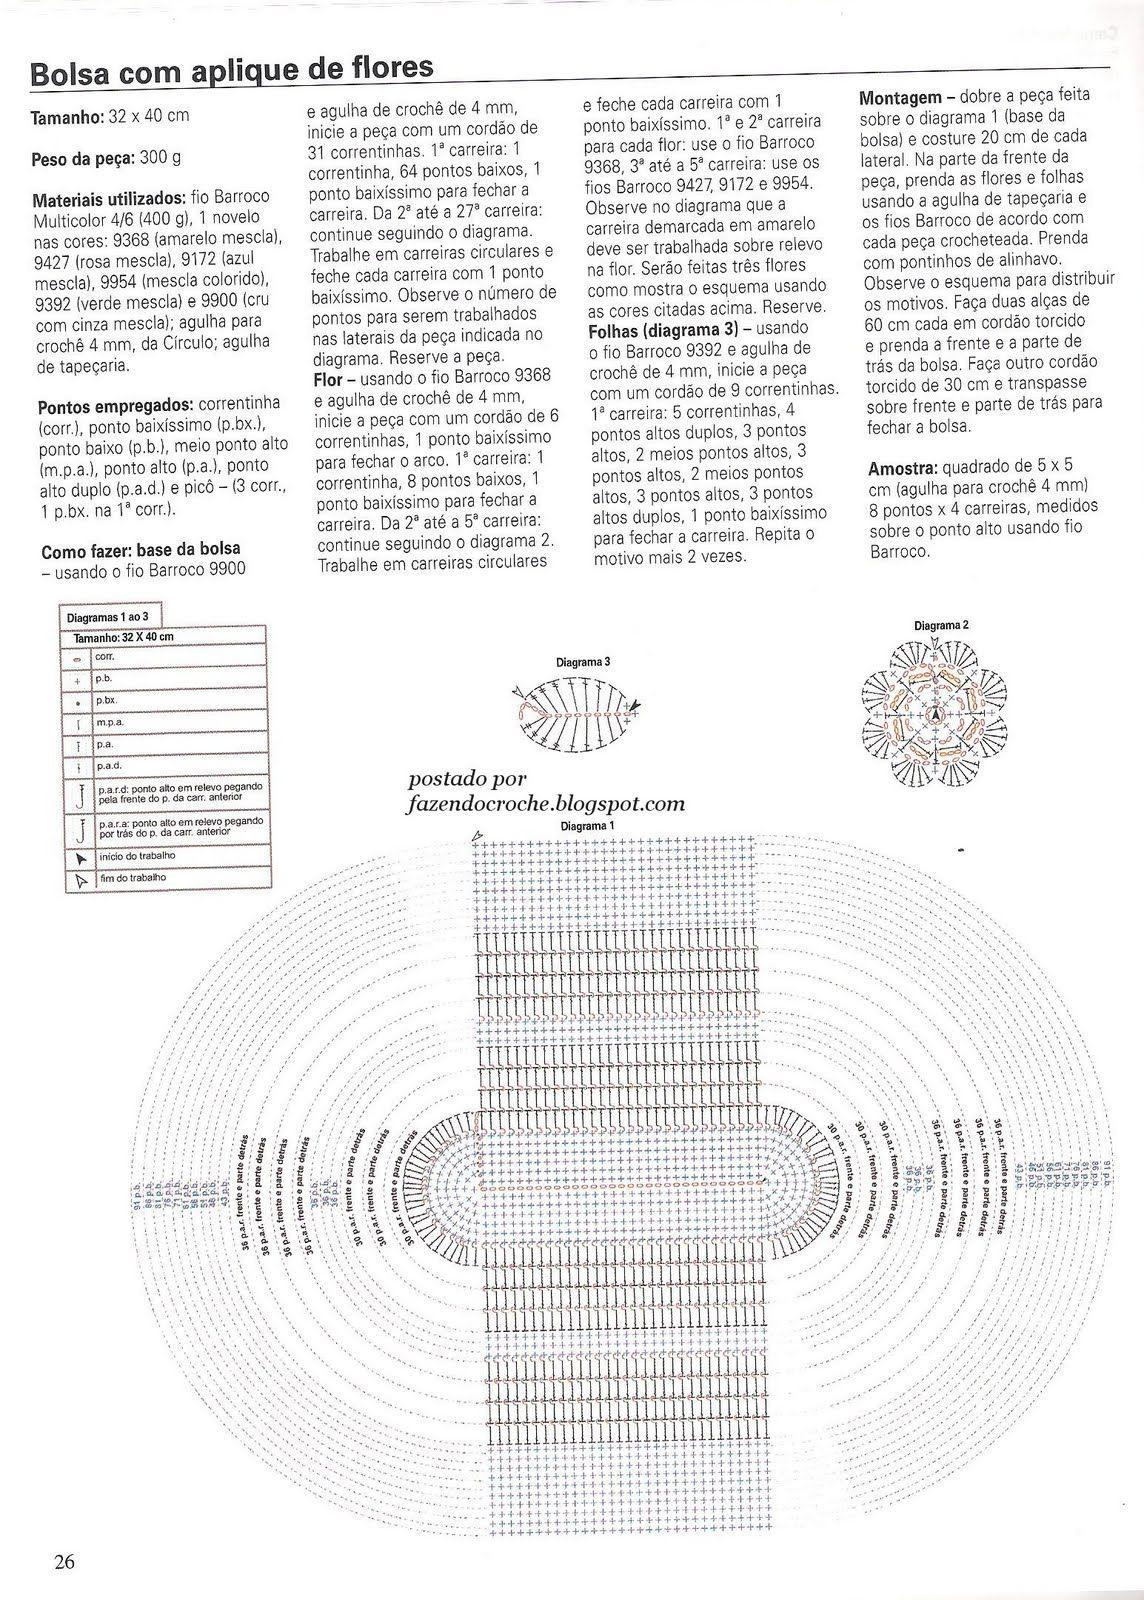 BOLSOS O MOCHILAS CON FLORES A CROCHET - PATRON Y GRAFICO | Bolsos a ...